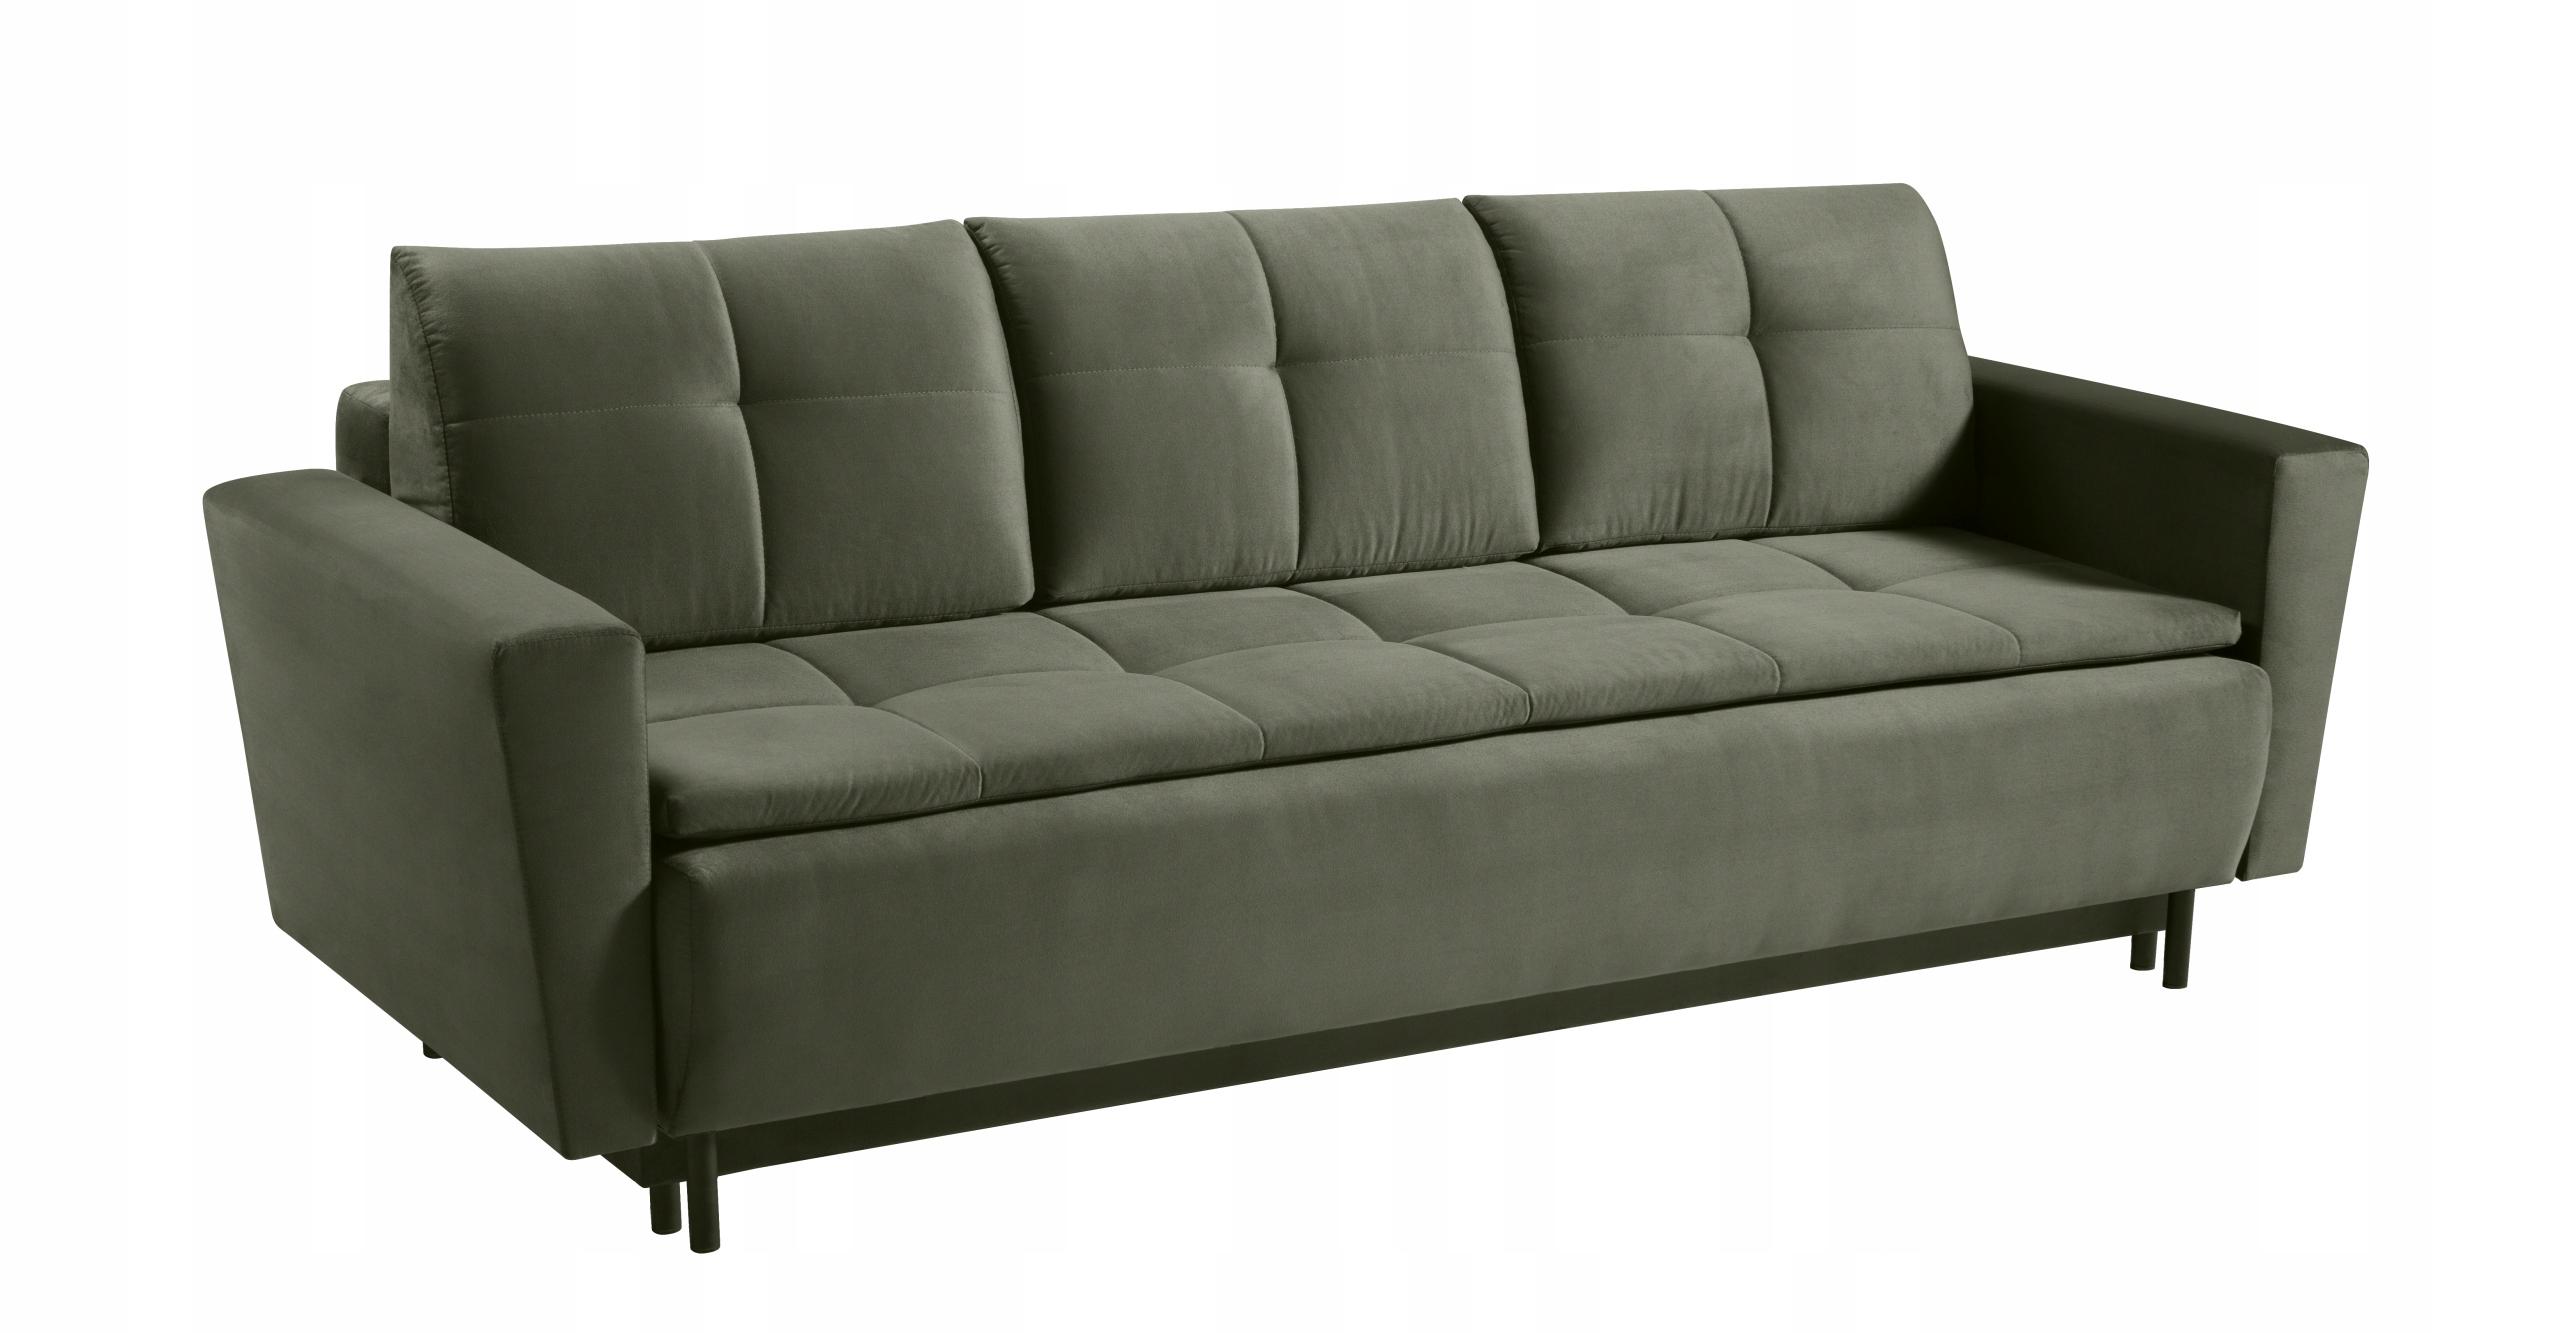 Großes Sofa SARA ausklappbares Schlafsofa - Farben Dreisitzergröße